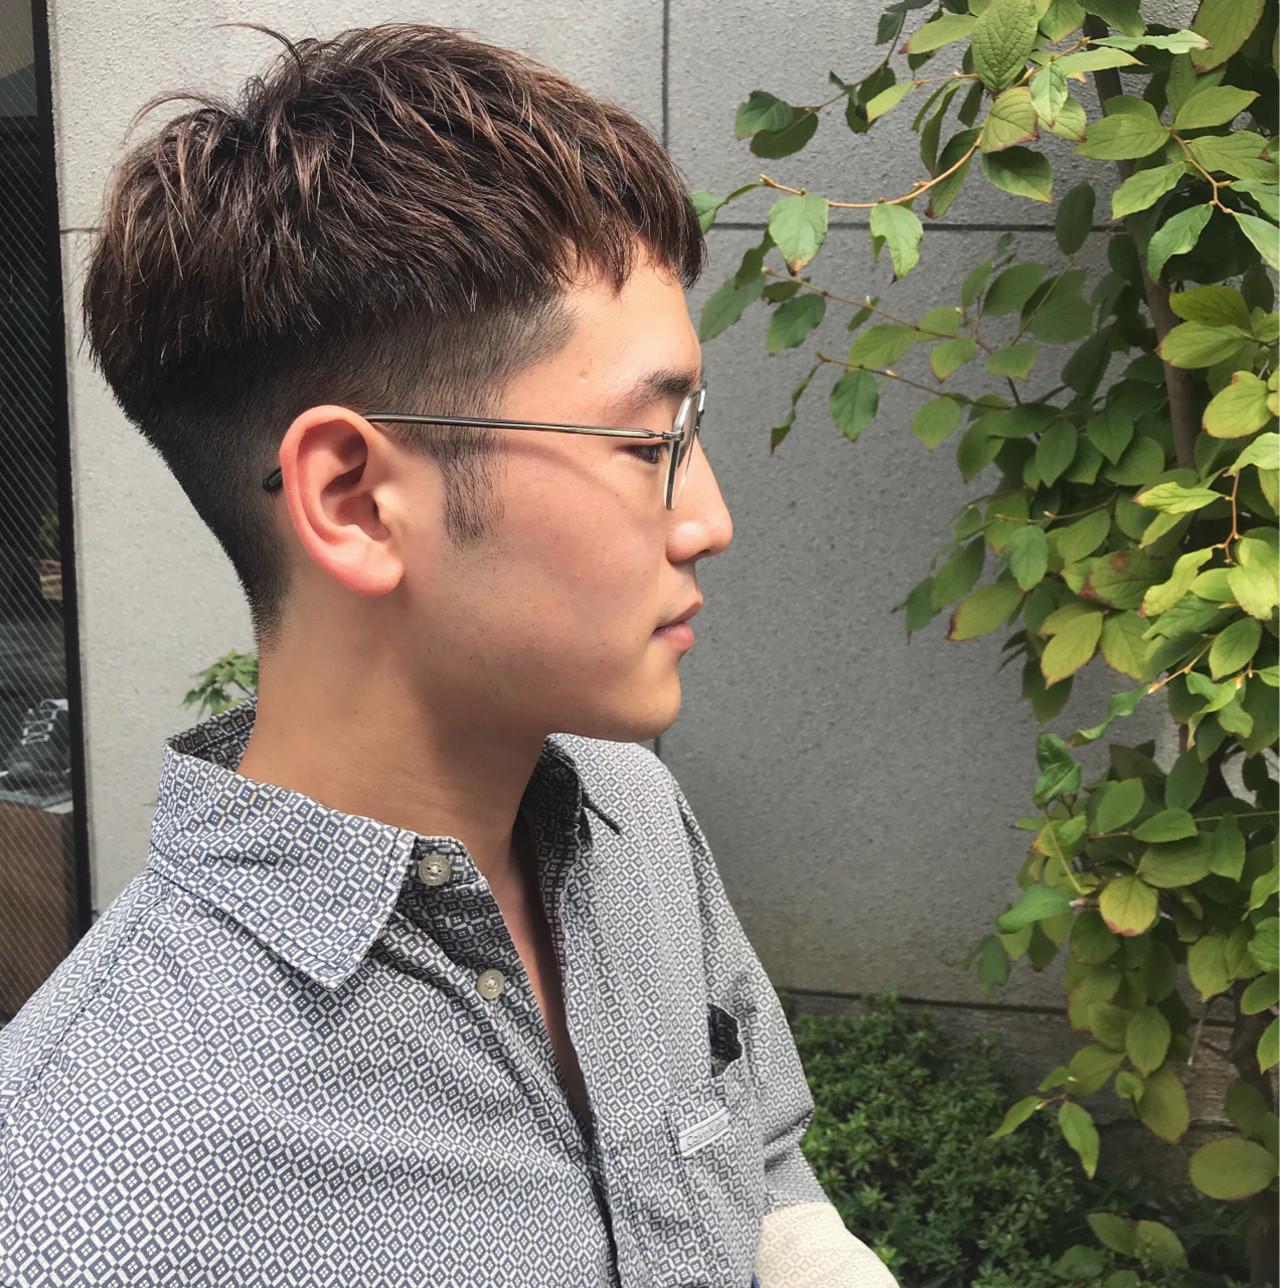 メガネをかけた清潔感のあるツーブロックスタイルの男性